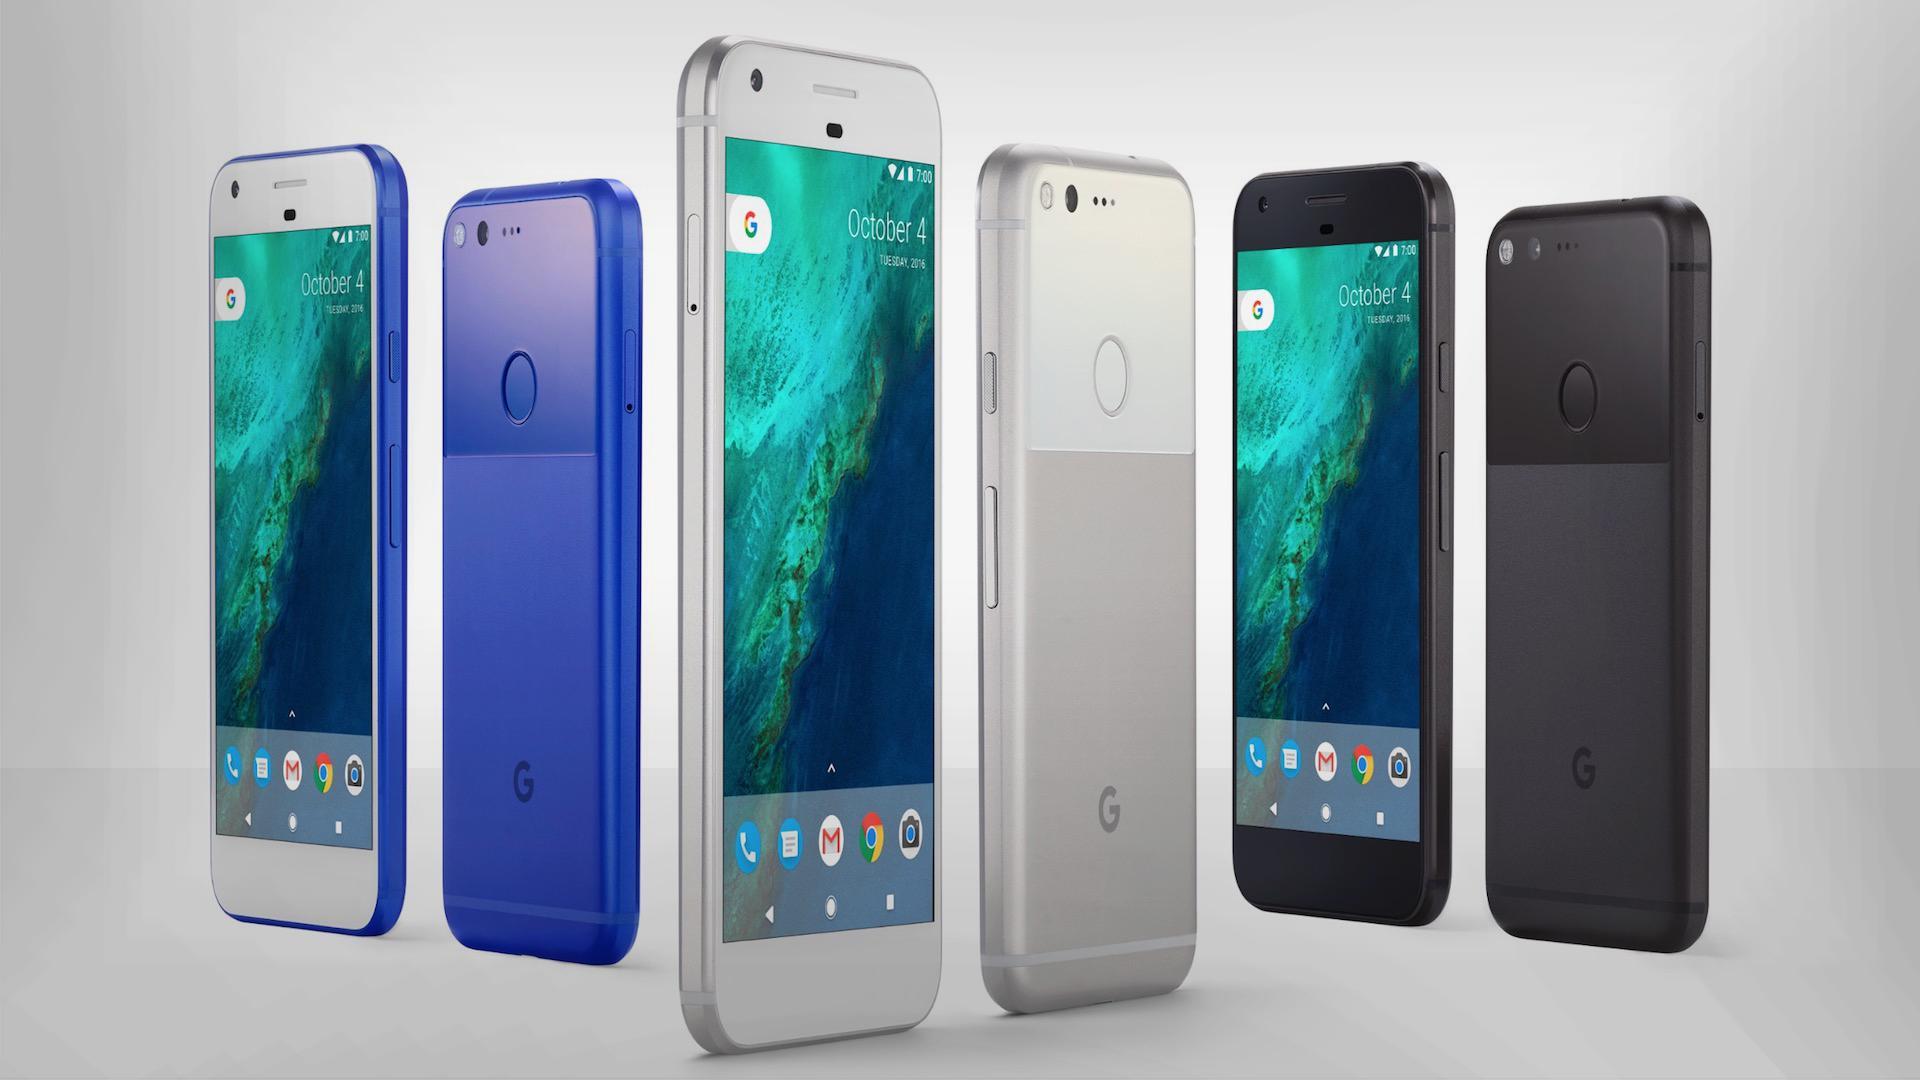 [Opiniòn] Google lanzó Pixel, su nuevo smartphone sin un atisbo de inspiración